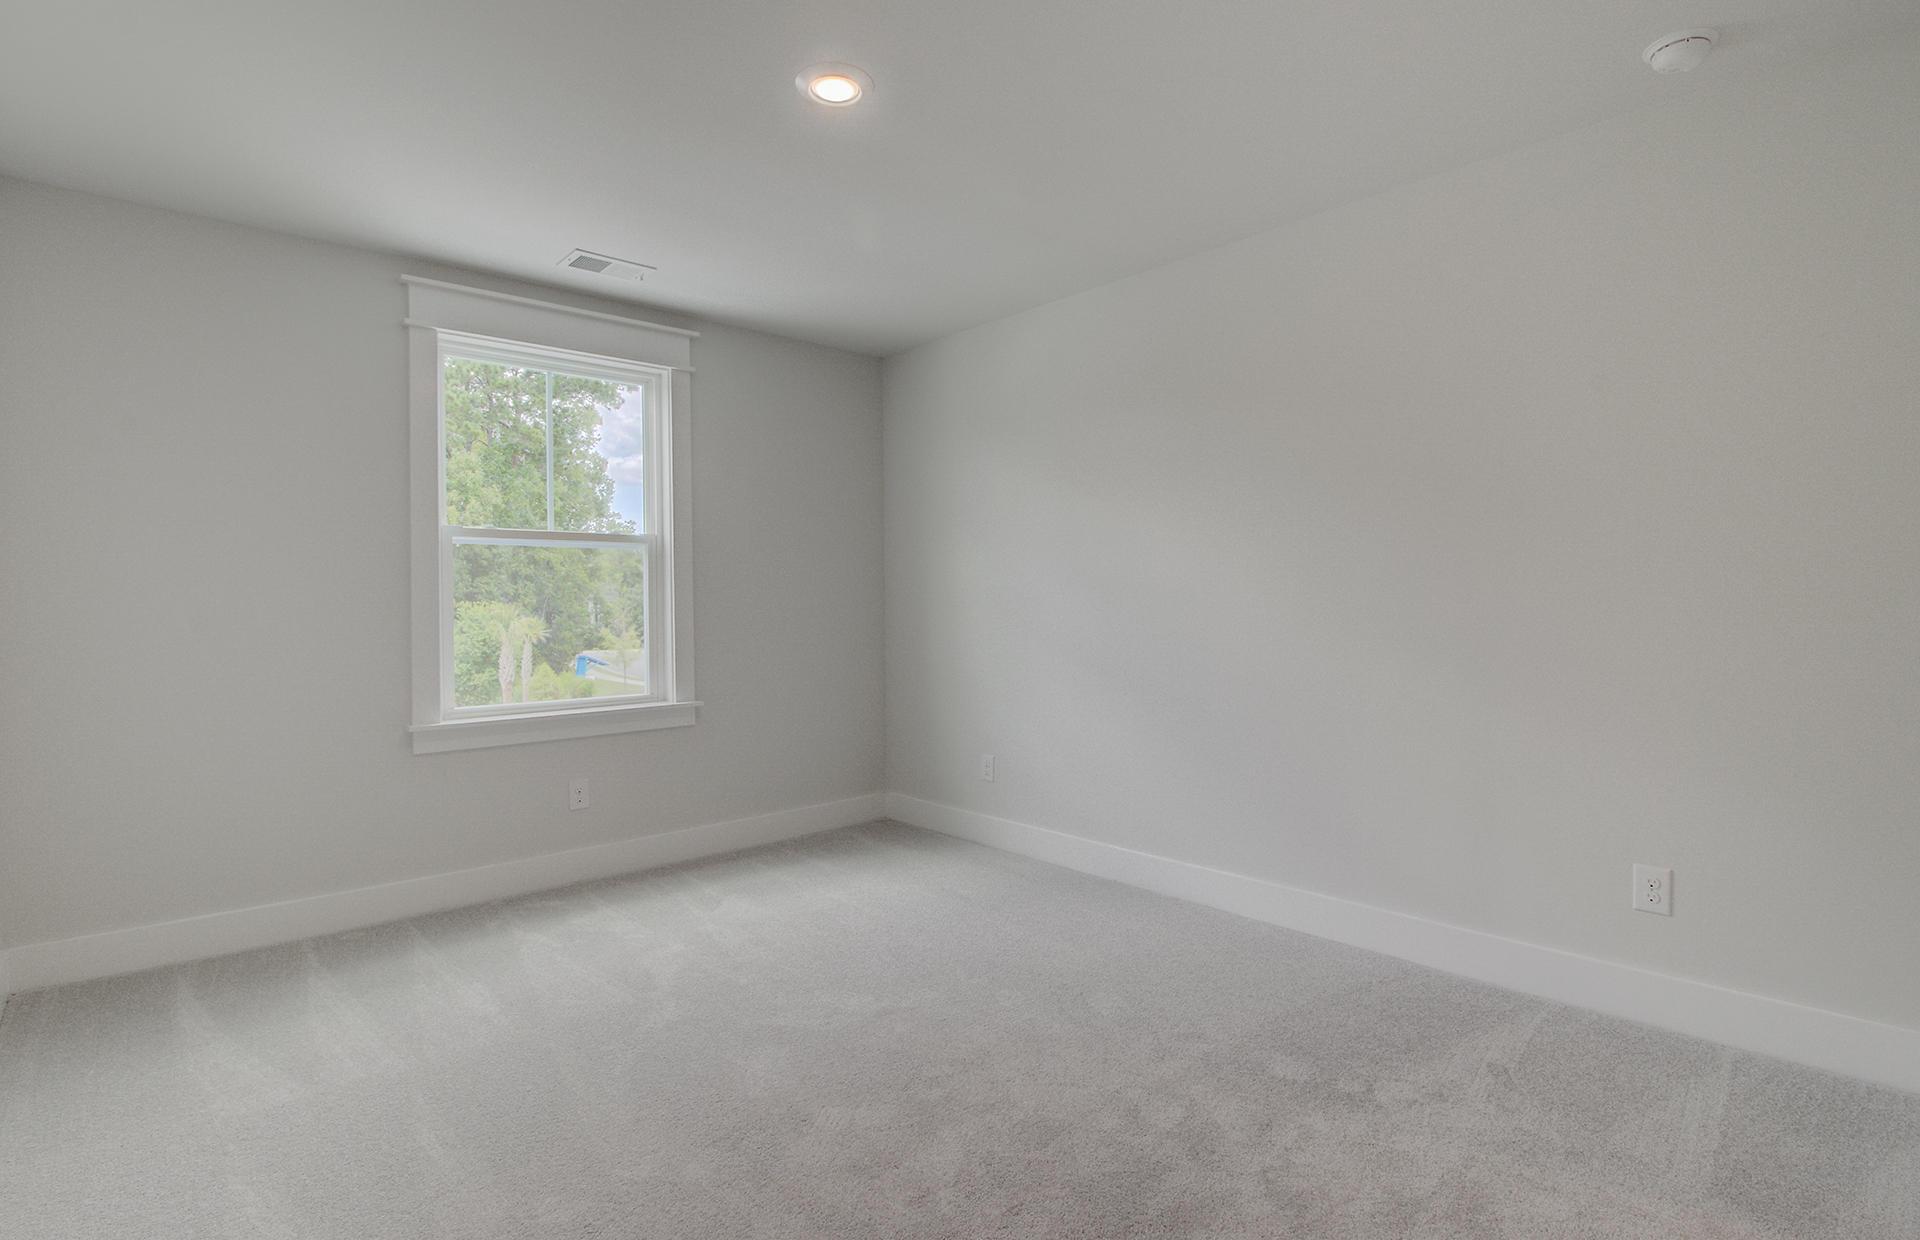 Park West Homes For Sale - 3013 Caspian, Mount Pleasant, SC - 16